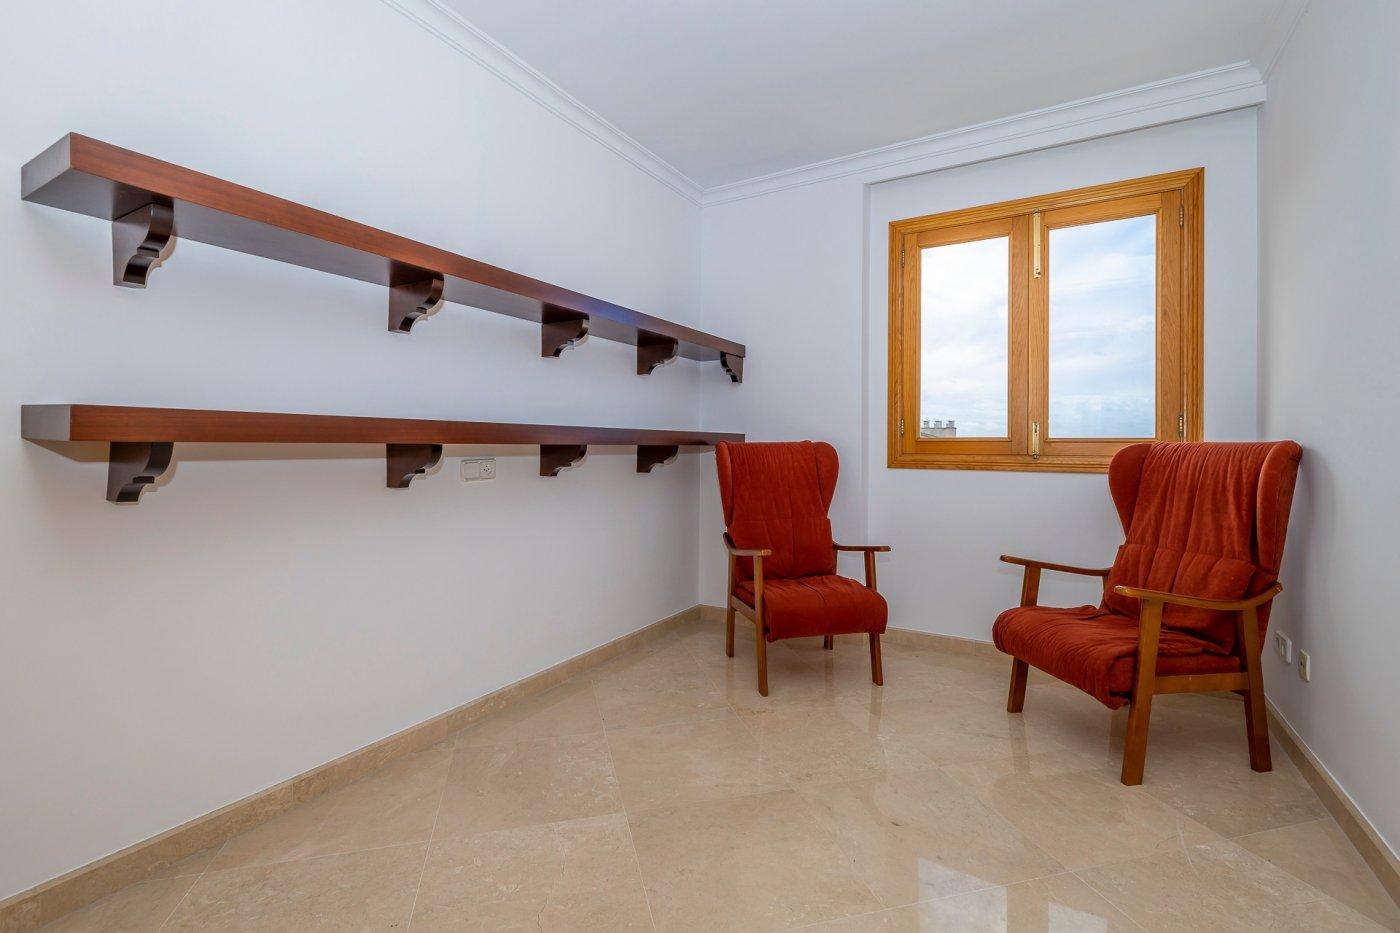 Espectacular piso de lujo en manacor - imagenInmueble12